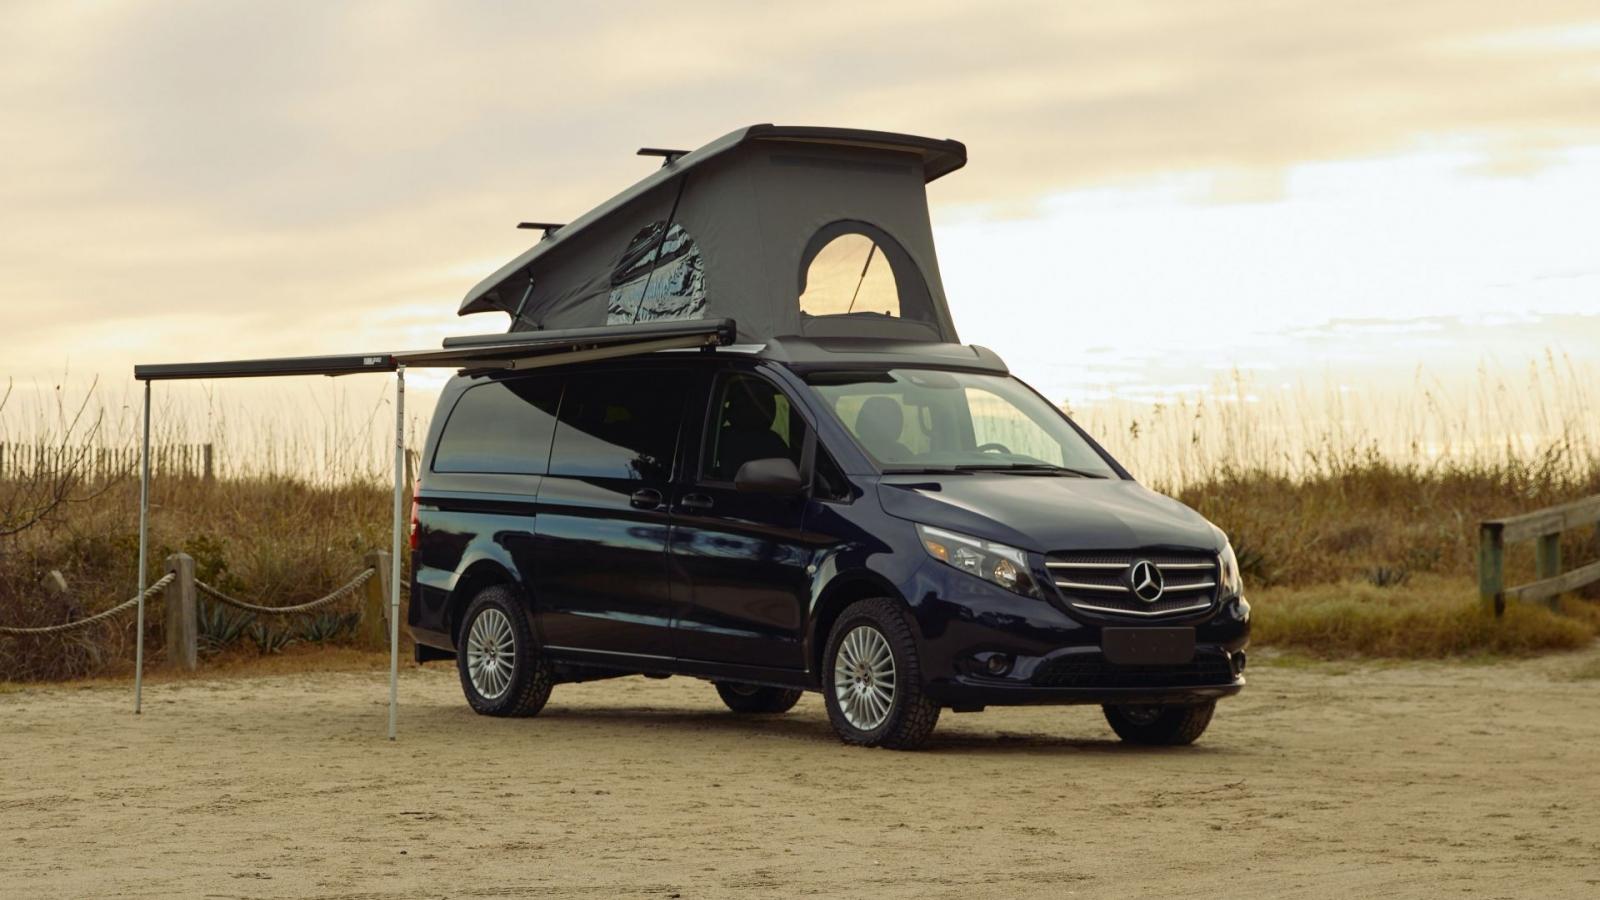 Mercedes Metris Getaway - mẫu xe cho người thích cắm trại